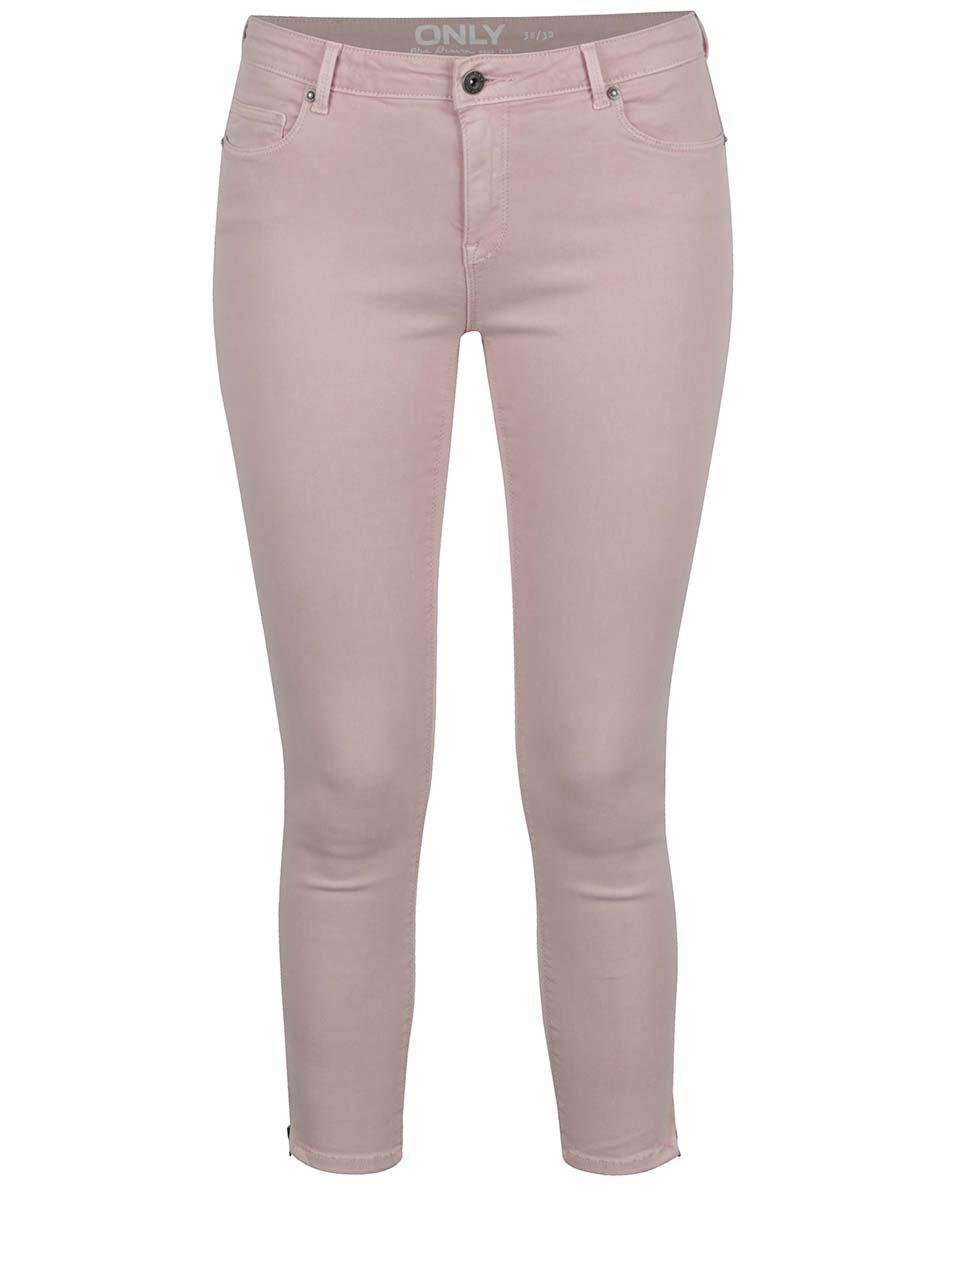 Růžové strečové džíny ONLY Serena